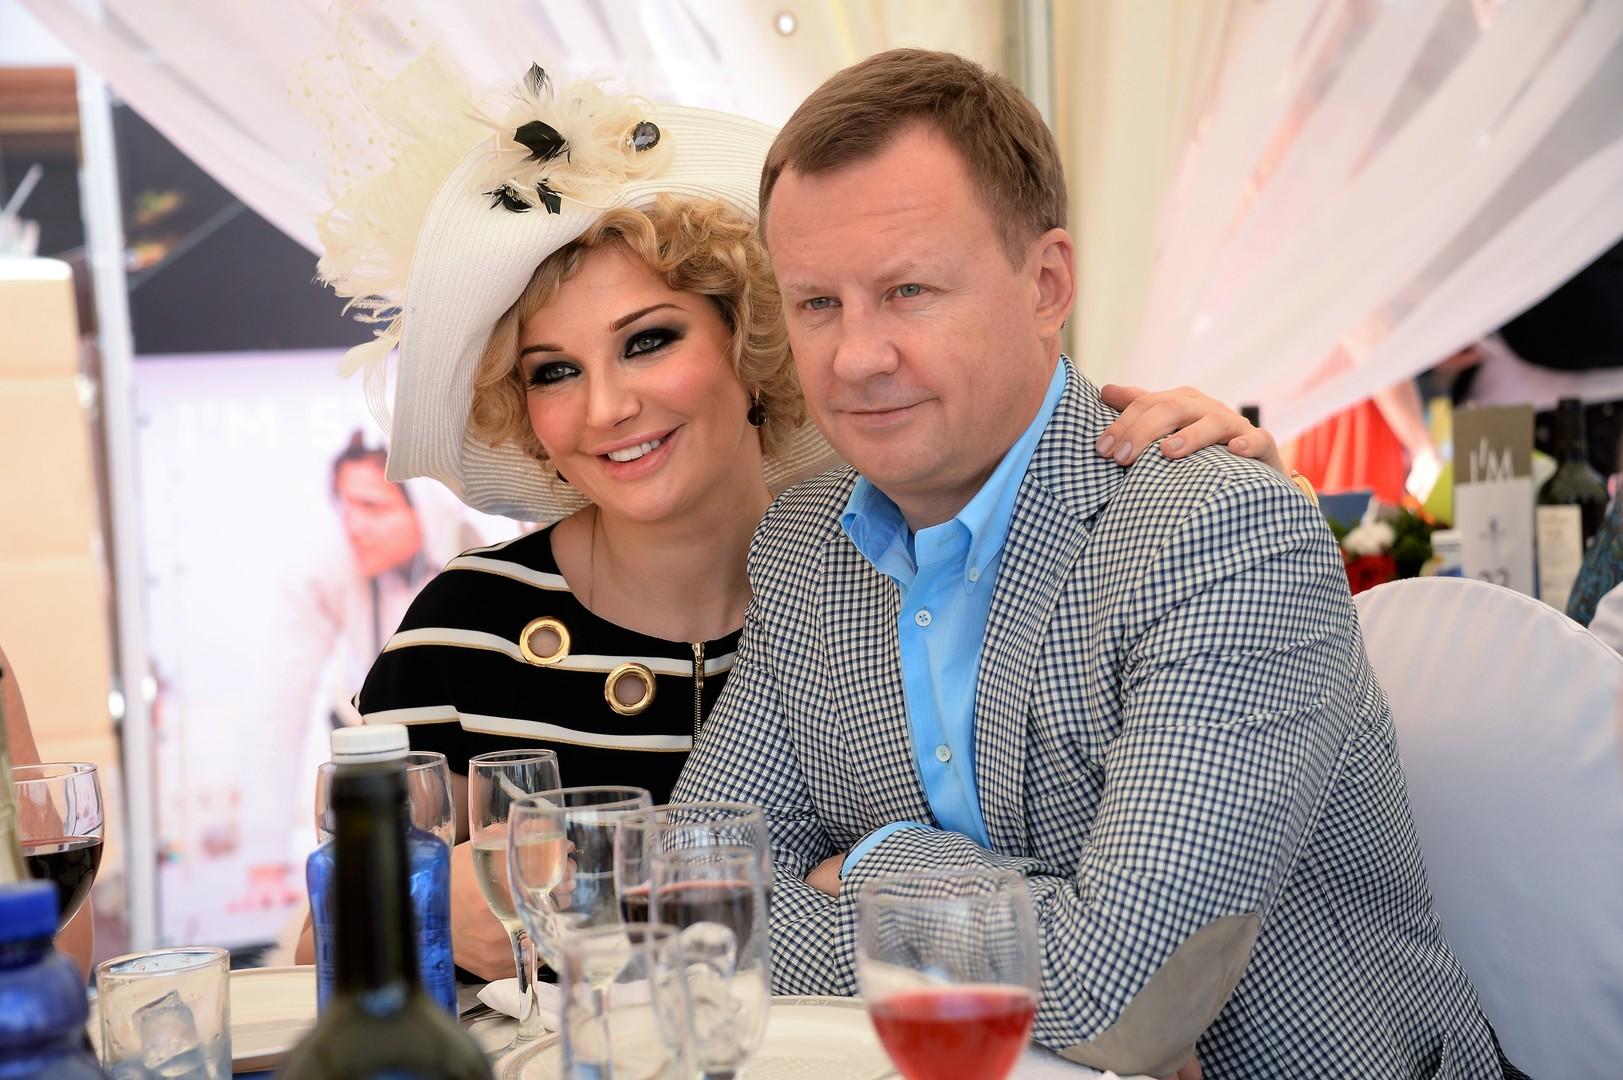 Tod für eine Schlagzeile: Spekulationen statt Aufklärung rund um den Mord an Denis Woronenkow